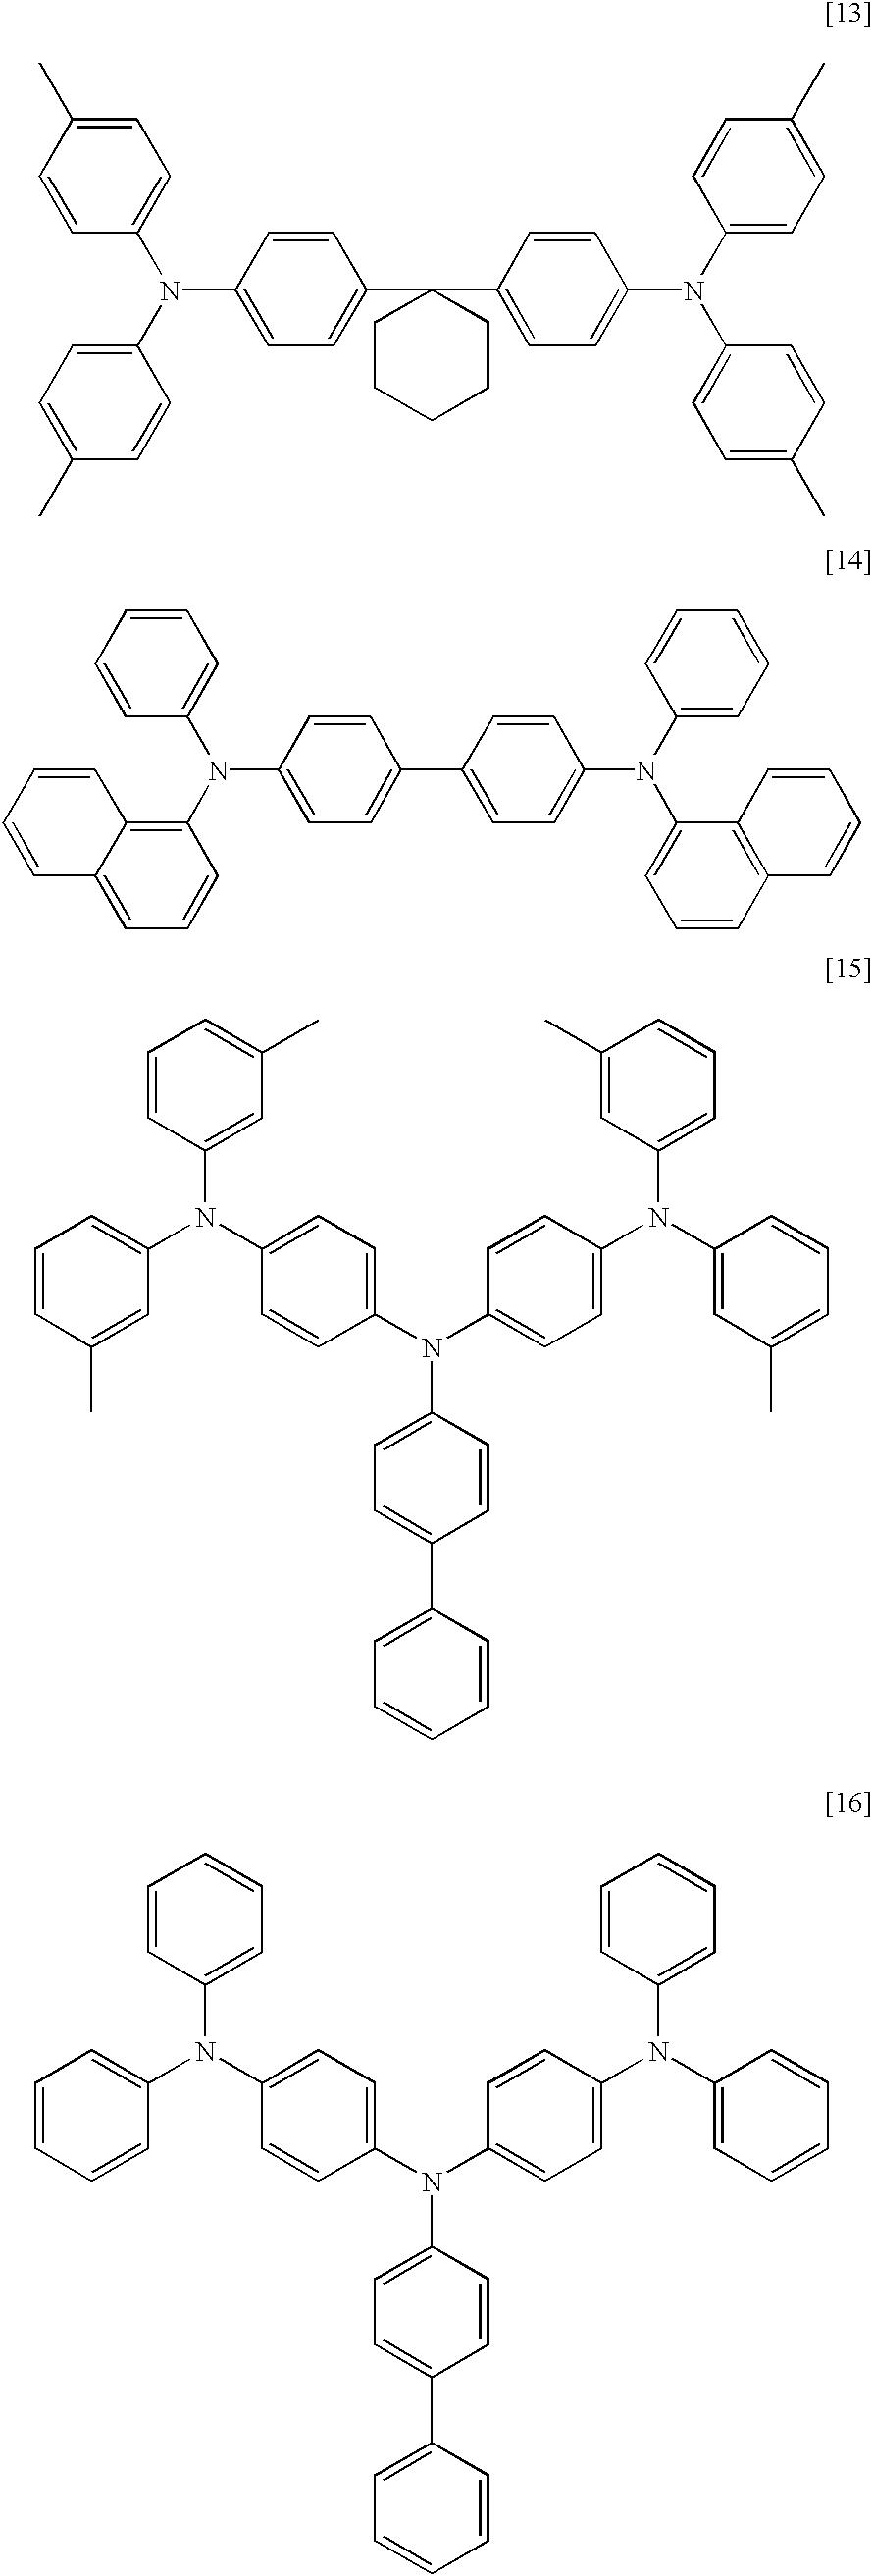 Figure US06900457-20050531-C00003